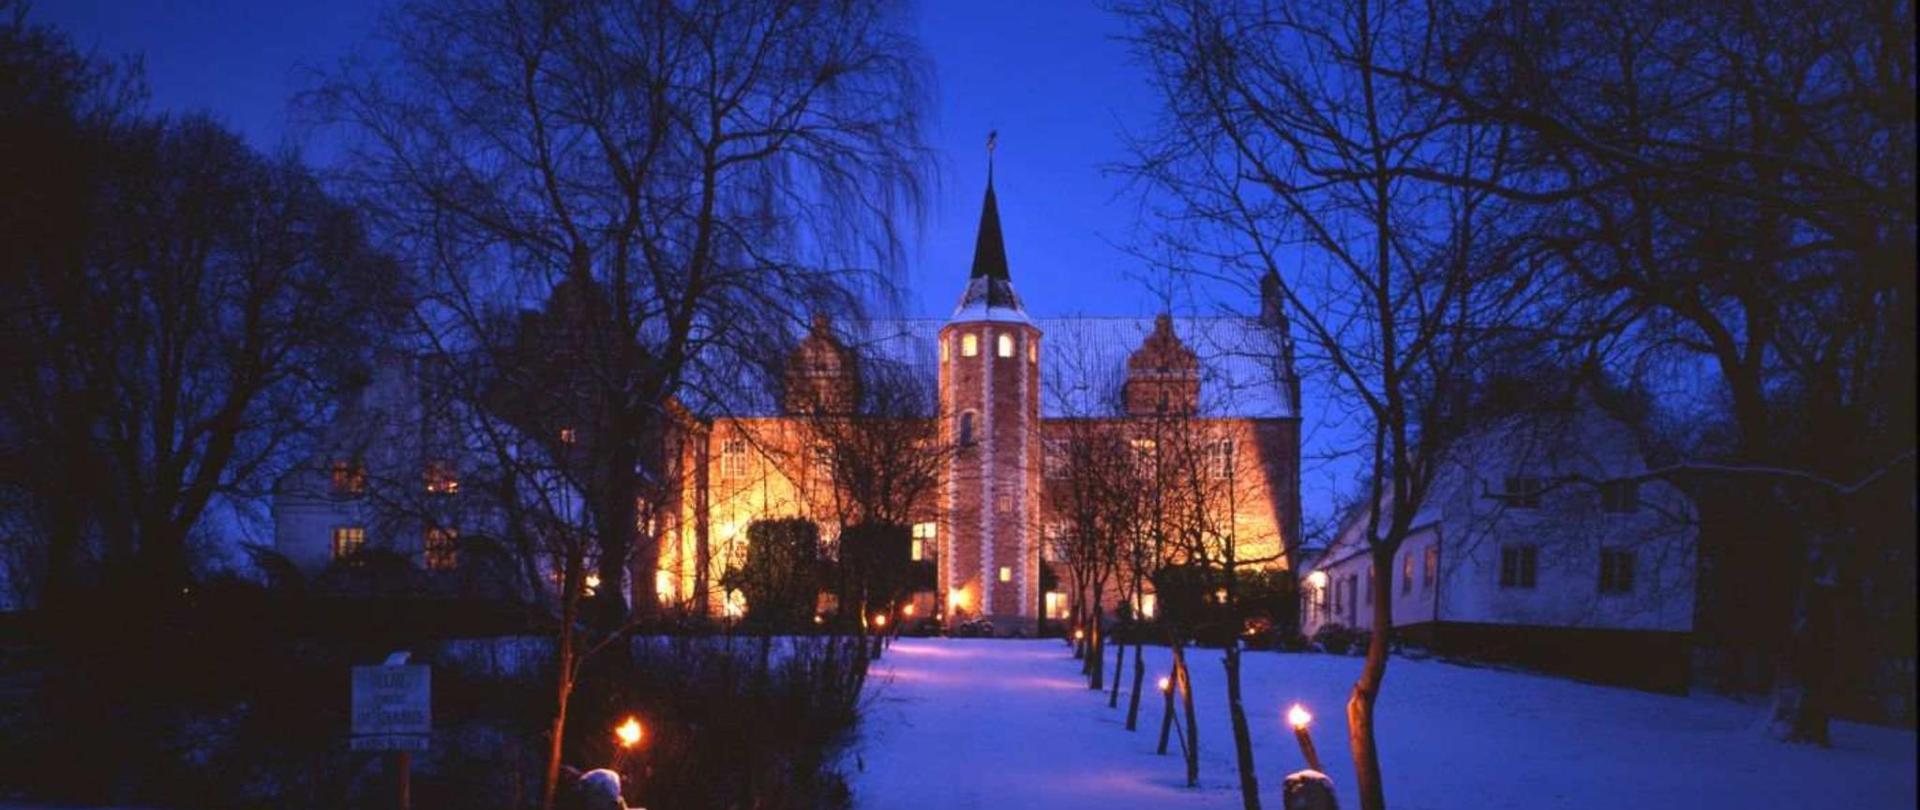 harridslevgaard-slot-nattebillede-lyst-3.jpg